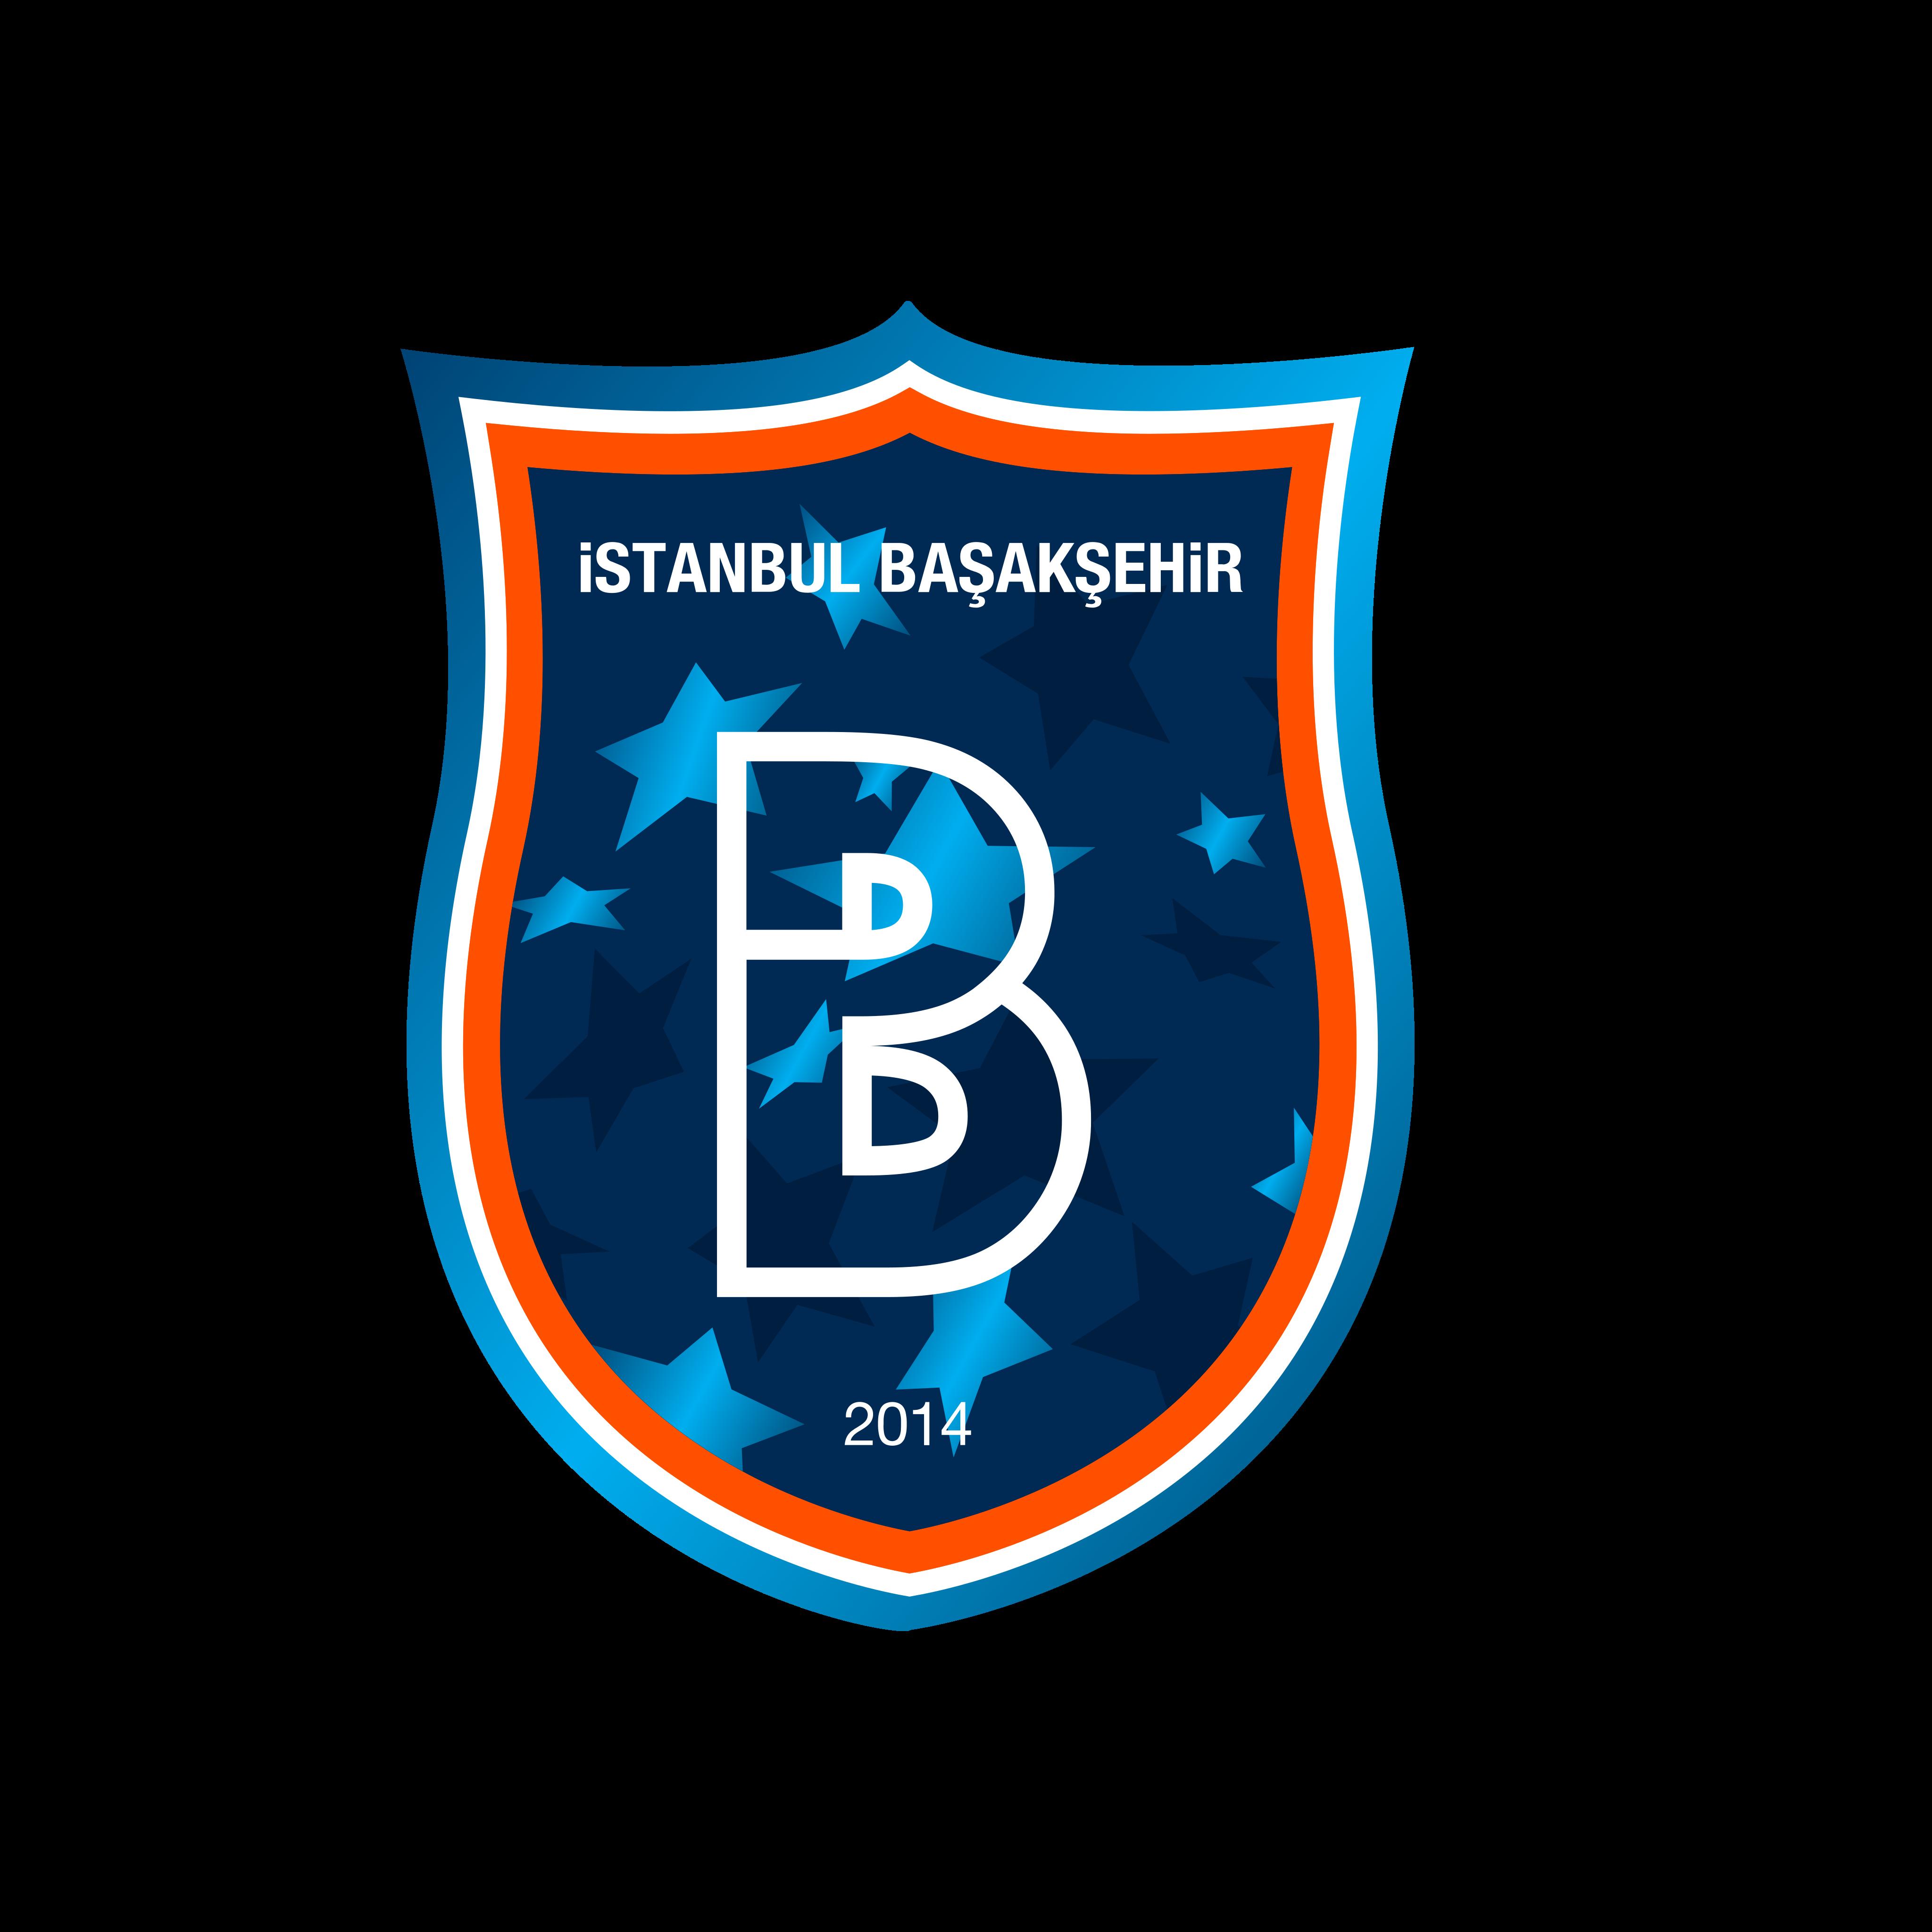 istanbul basaksehir logo 0 - Istanbul Basaksehir FC Logo